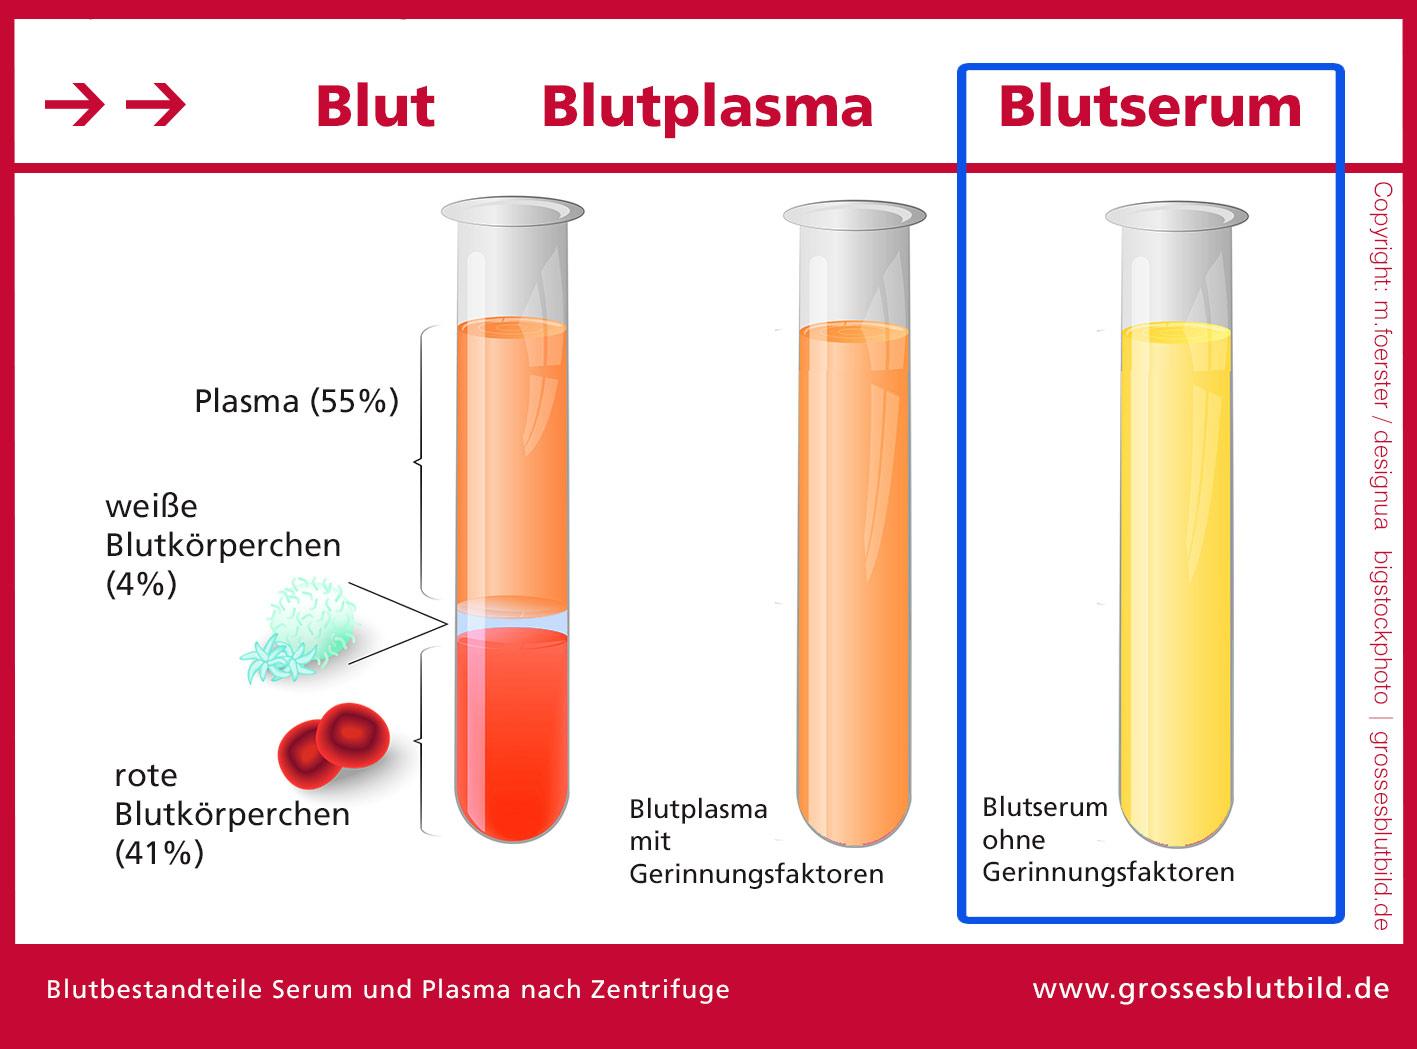 Blutserum